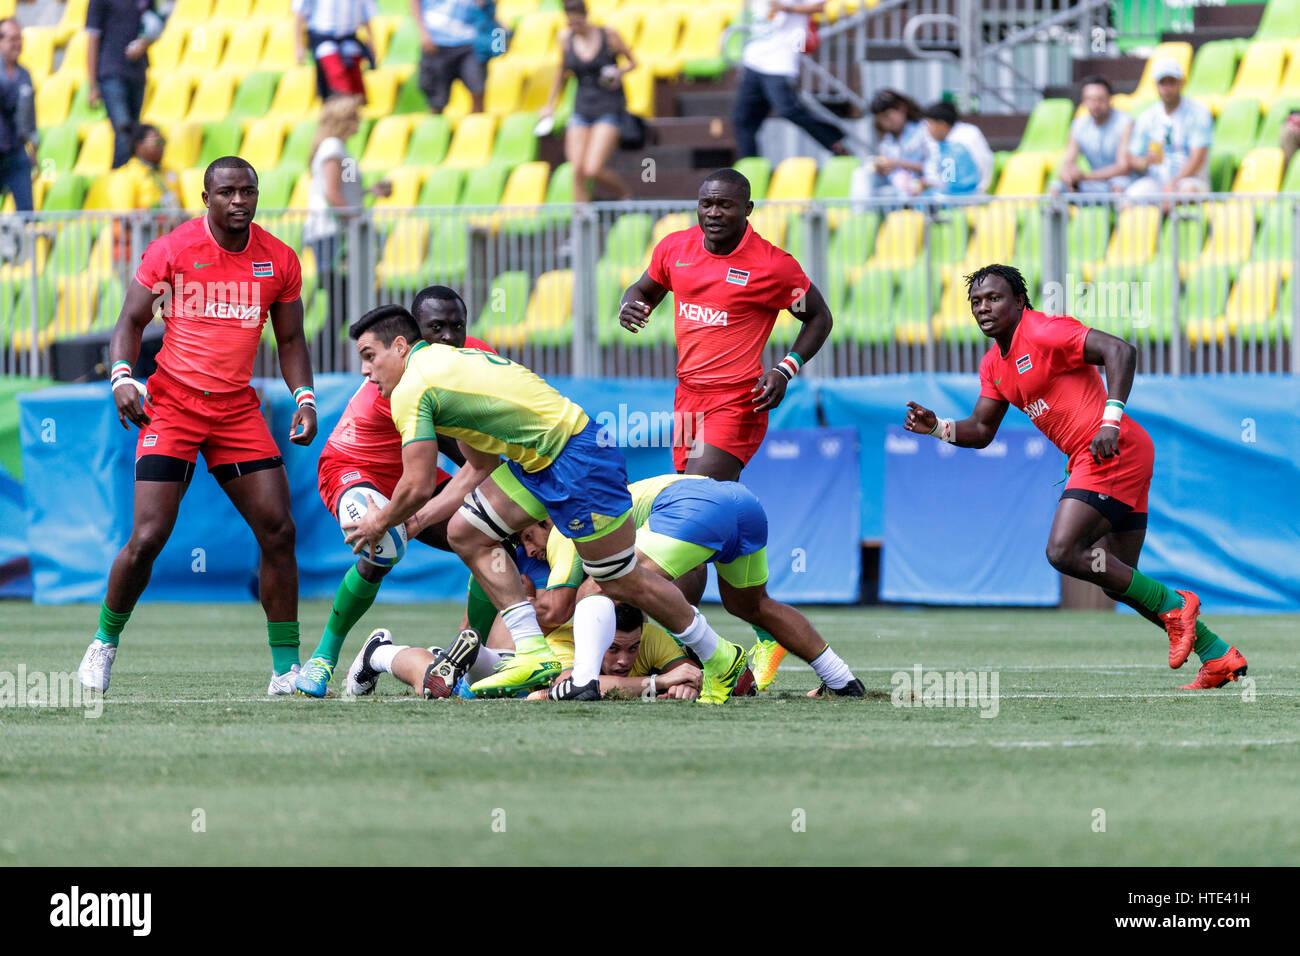 Río de Janeiro, Brasil. El 11 de agosto de 2016 Felipe Sancery (BRA) compite en el hombre de Rugby Sevens en Imagen De Stock